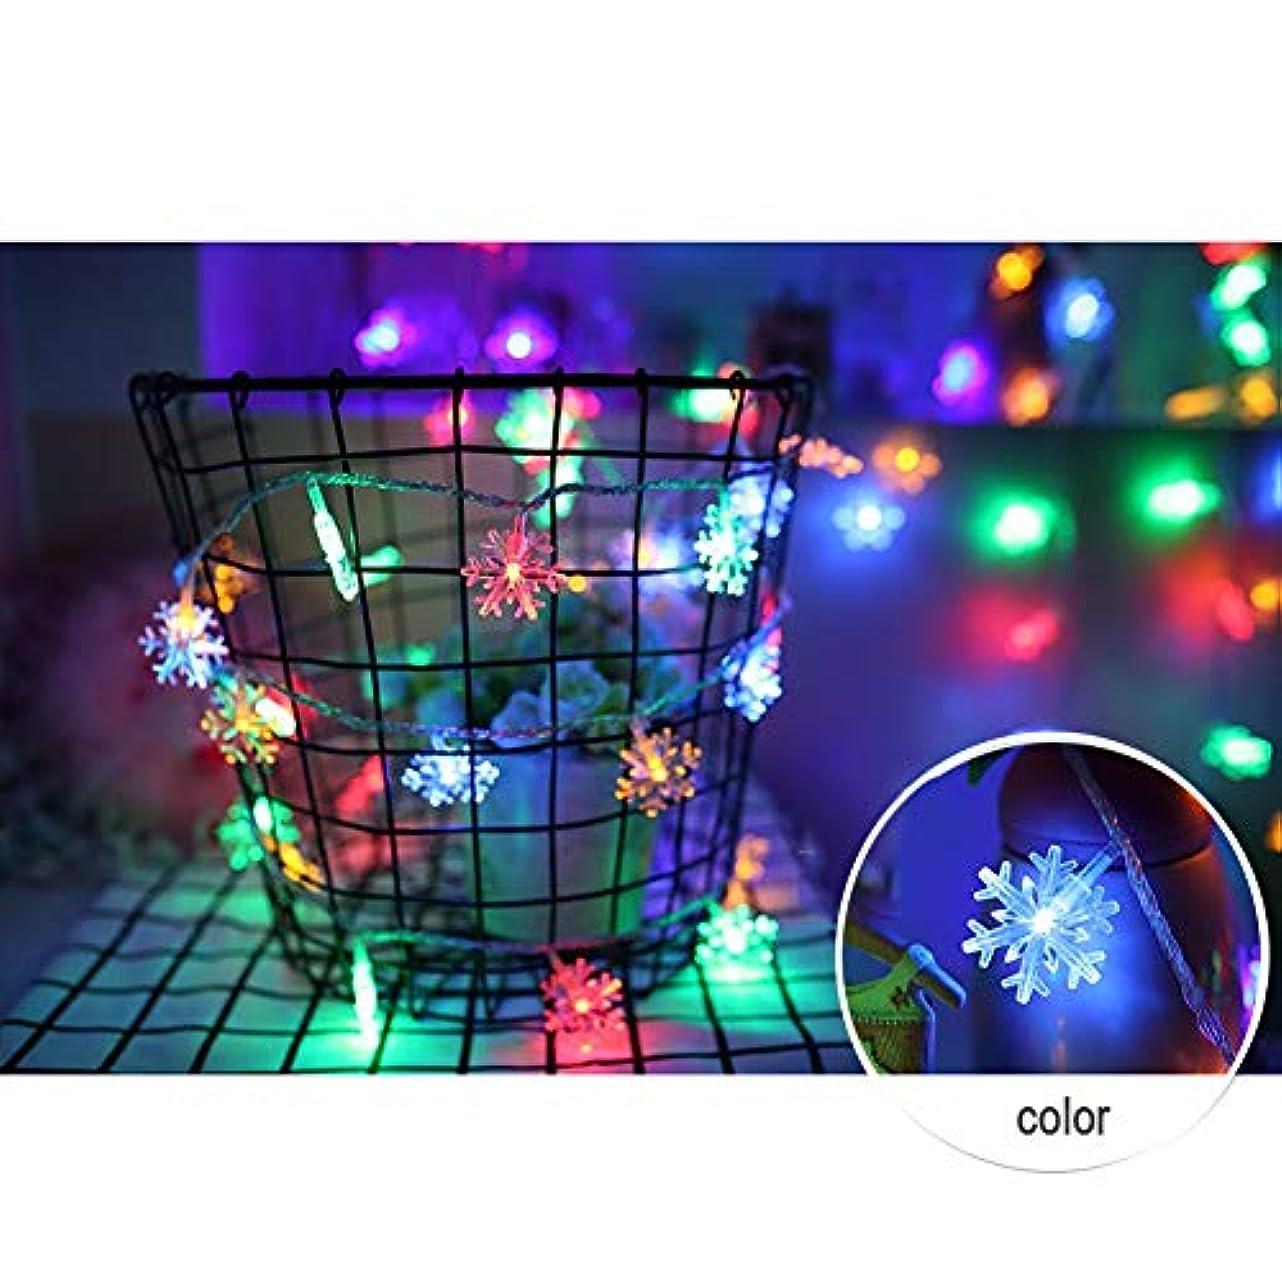 玉ねぎ左怪物電池式 ストリングライト - 防雨型 スノーフレークLEDイルミネ ーションライト ロマンチックな雰囲気を作る屋外用 ワイヤーライト イルミネーションライト、庭、パティオ、バルコニ、ークリスマス